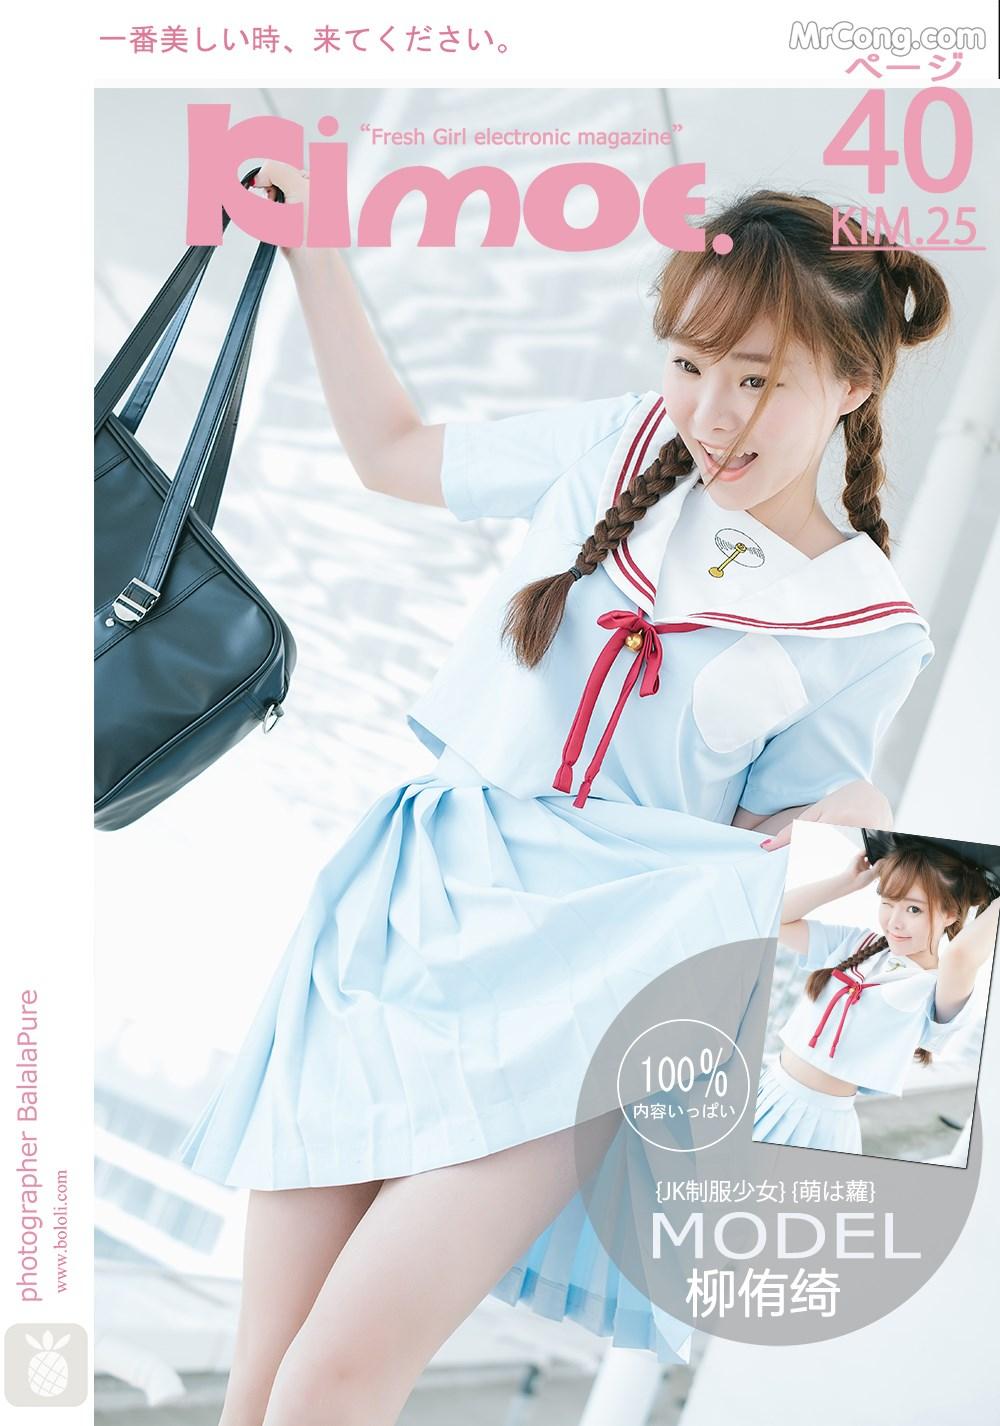 Kimoe Vol.025: Người mẫu Liu You Qi Sevenbaby (柳侑绮) (41 ảnh)